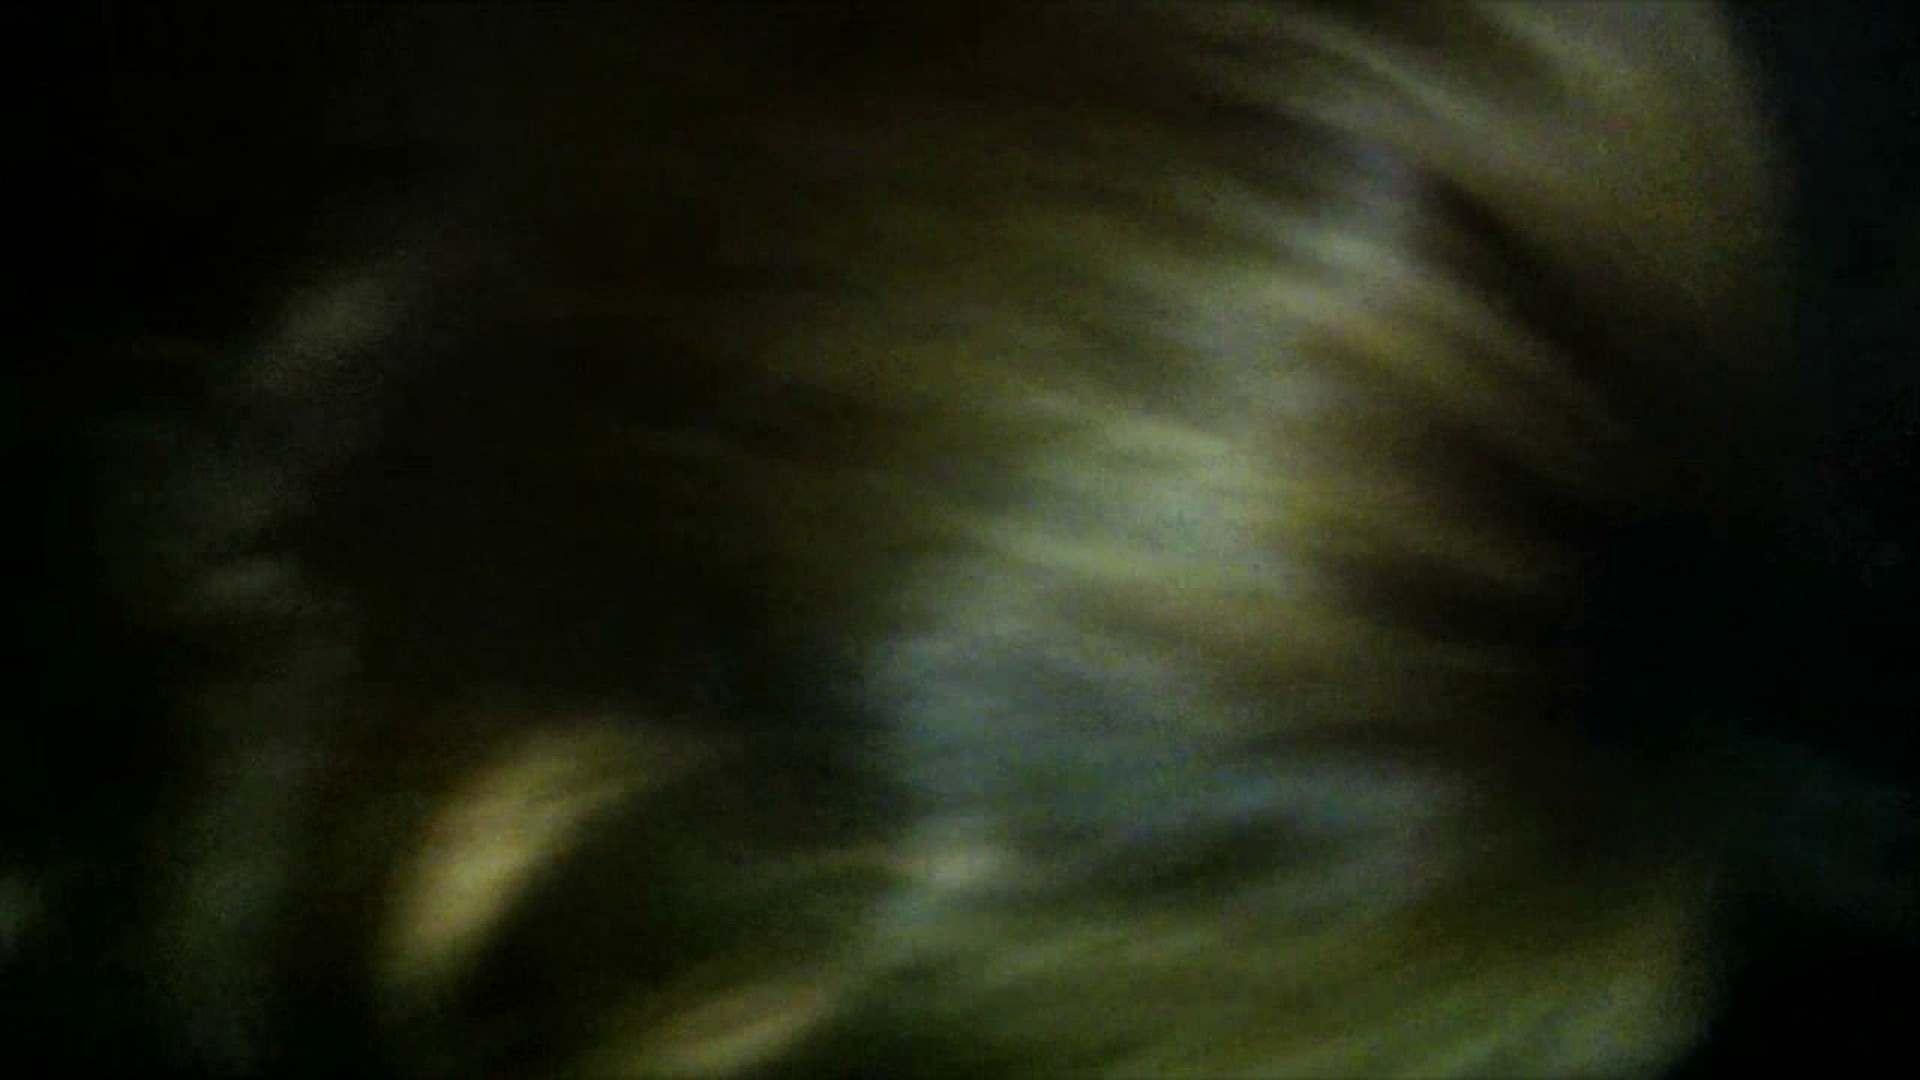 魔術師の お・も・て・な・し vol.19 25歳のキャリアウーマンにネットカフェイタズラ OLの実態 | イタズラ  90pic 71